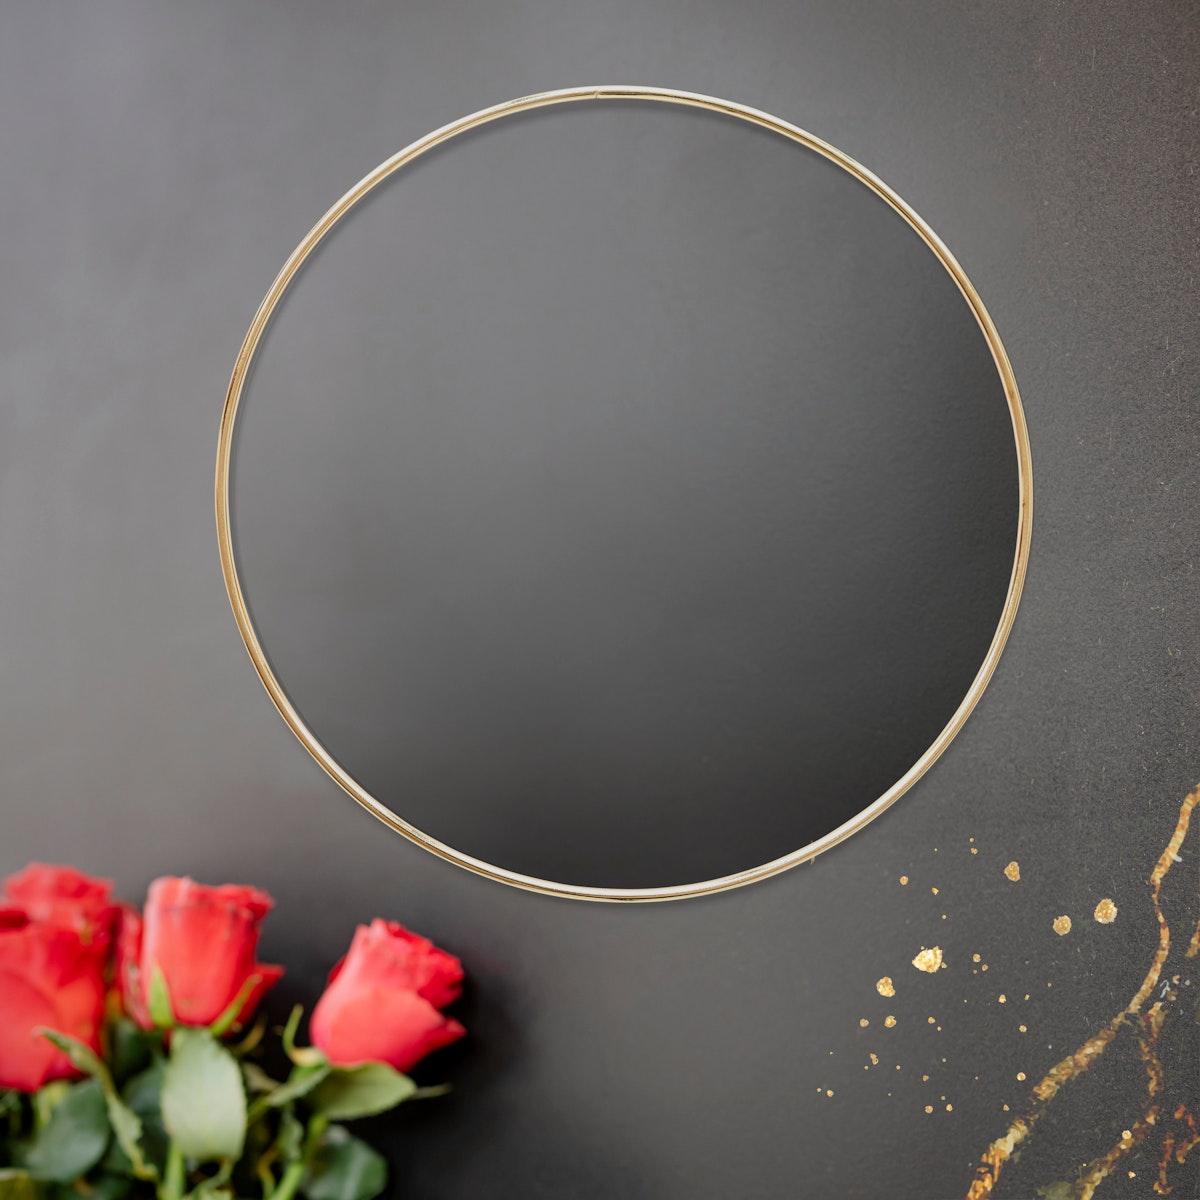 Golden floral frame on a black background